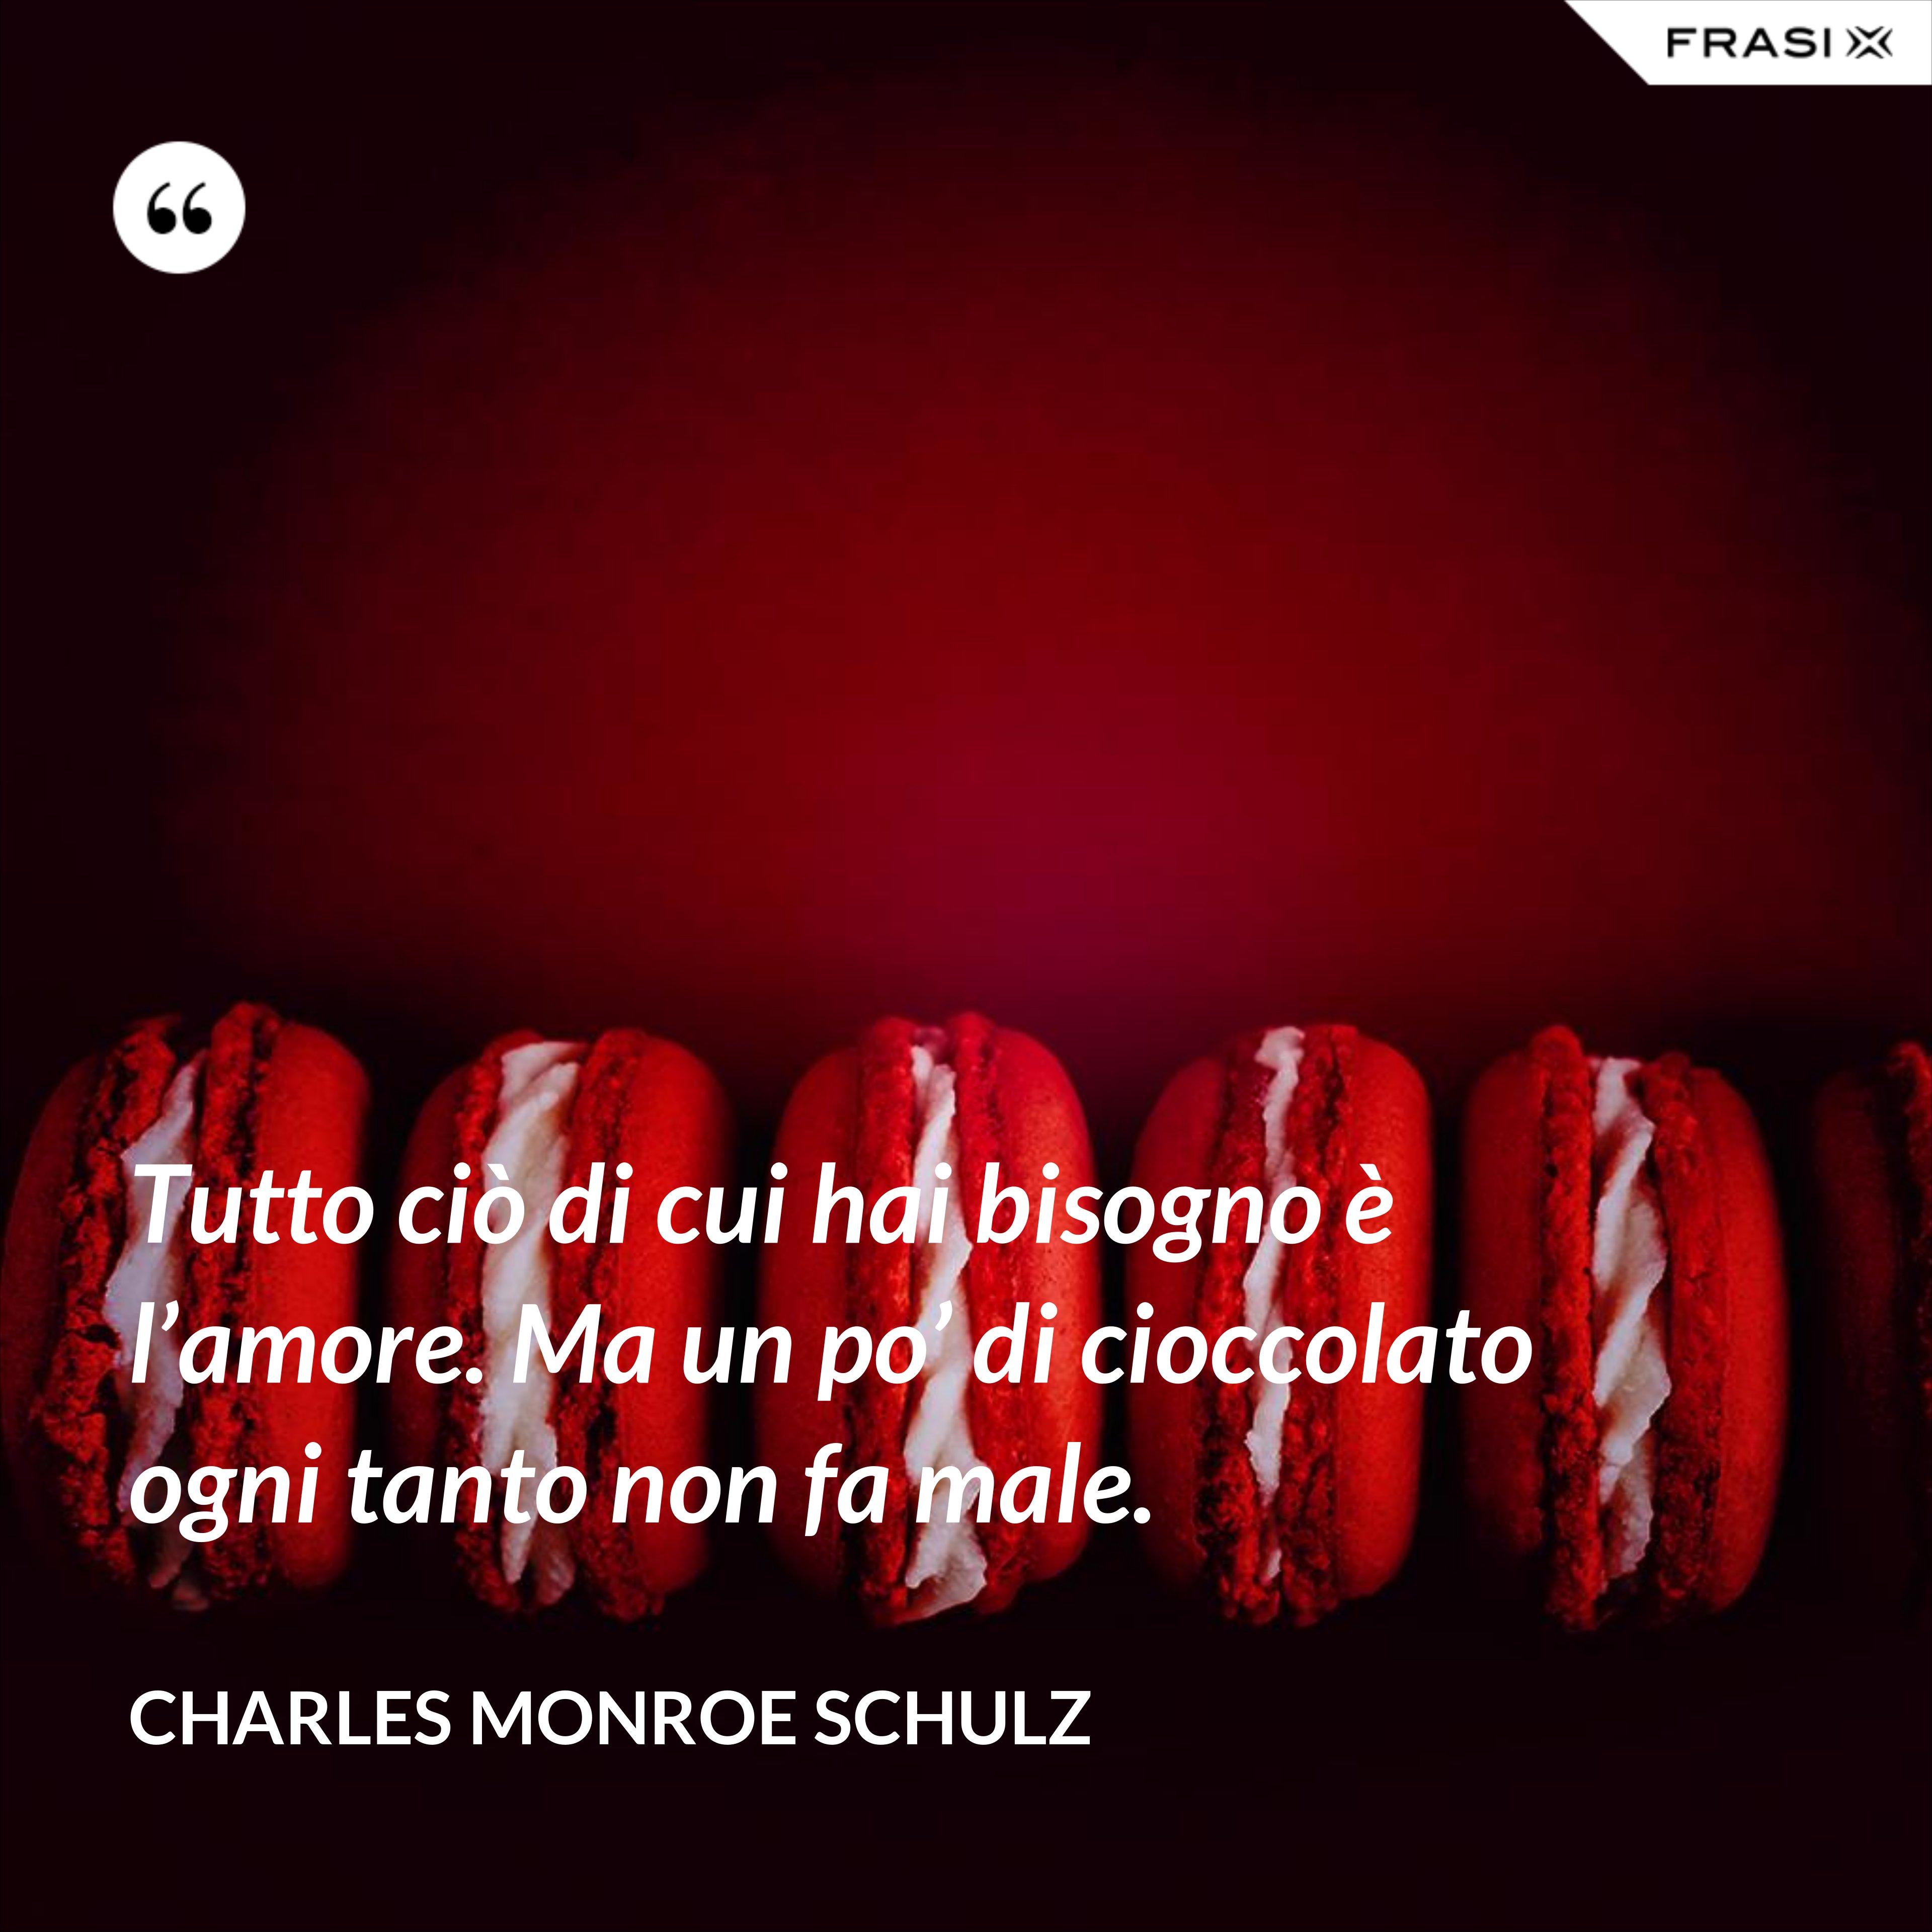 Tutto ciò di cui hai bisogno è l'amore. Ma un po' di cioccolato ogni tanto non fa male. - Charles Monroe Schulz